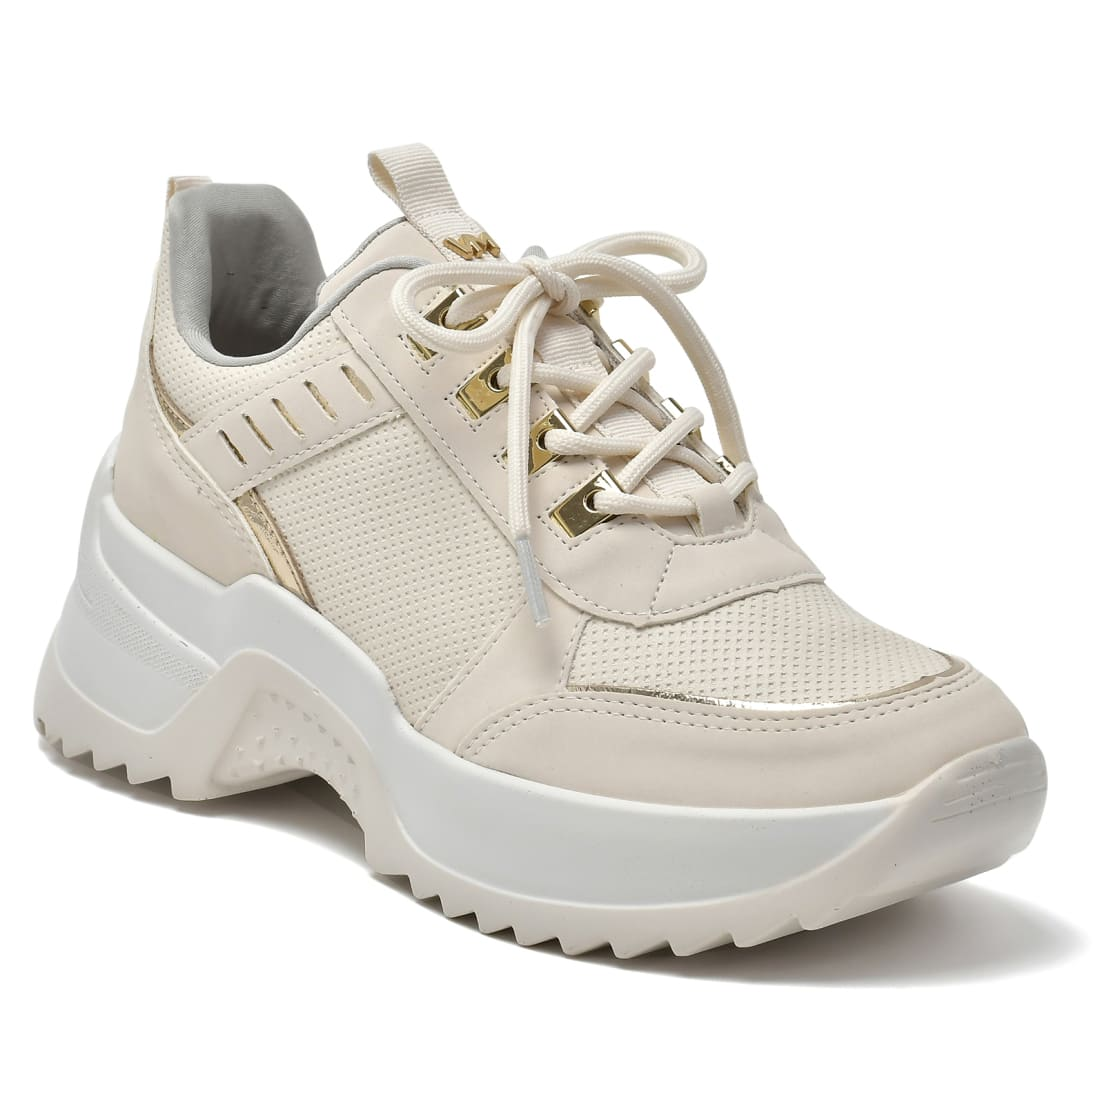 Tênis Via Marte Sneaker Plataforma Feminino Off White / Dourado - 21-11603-07